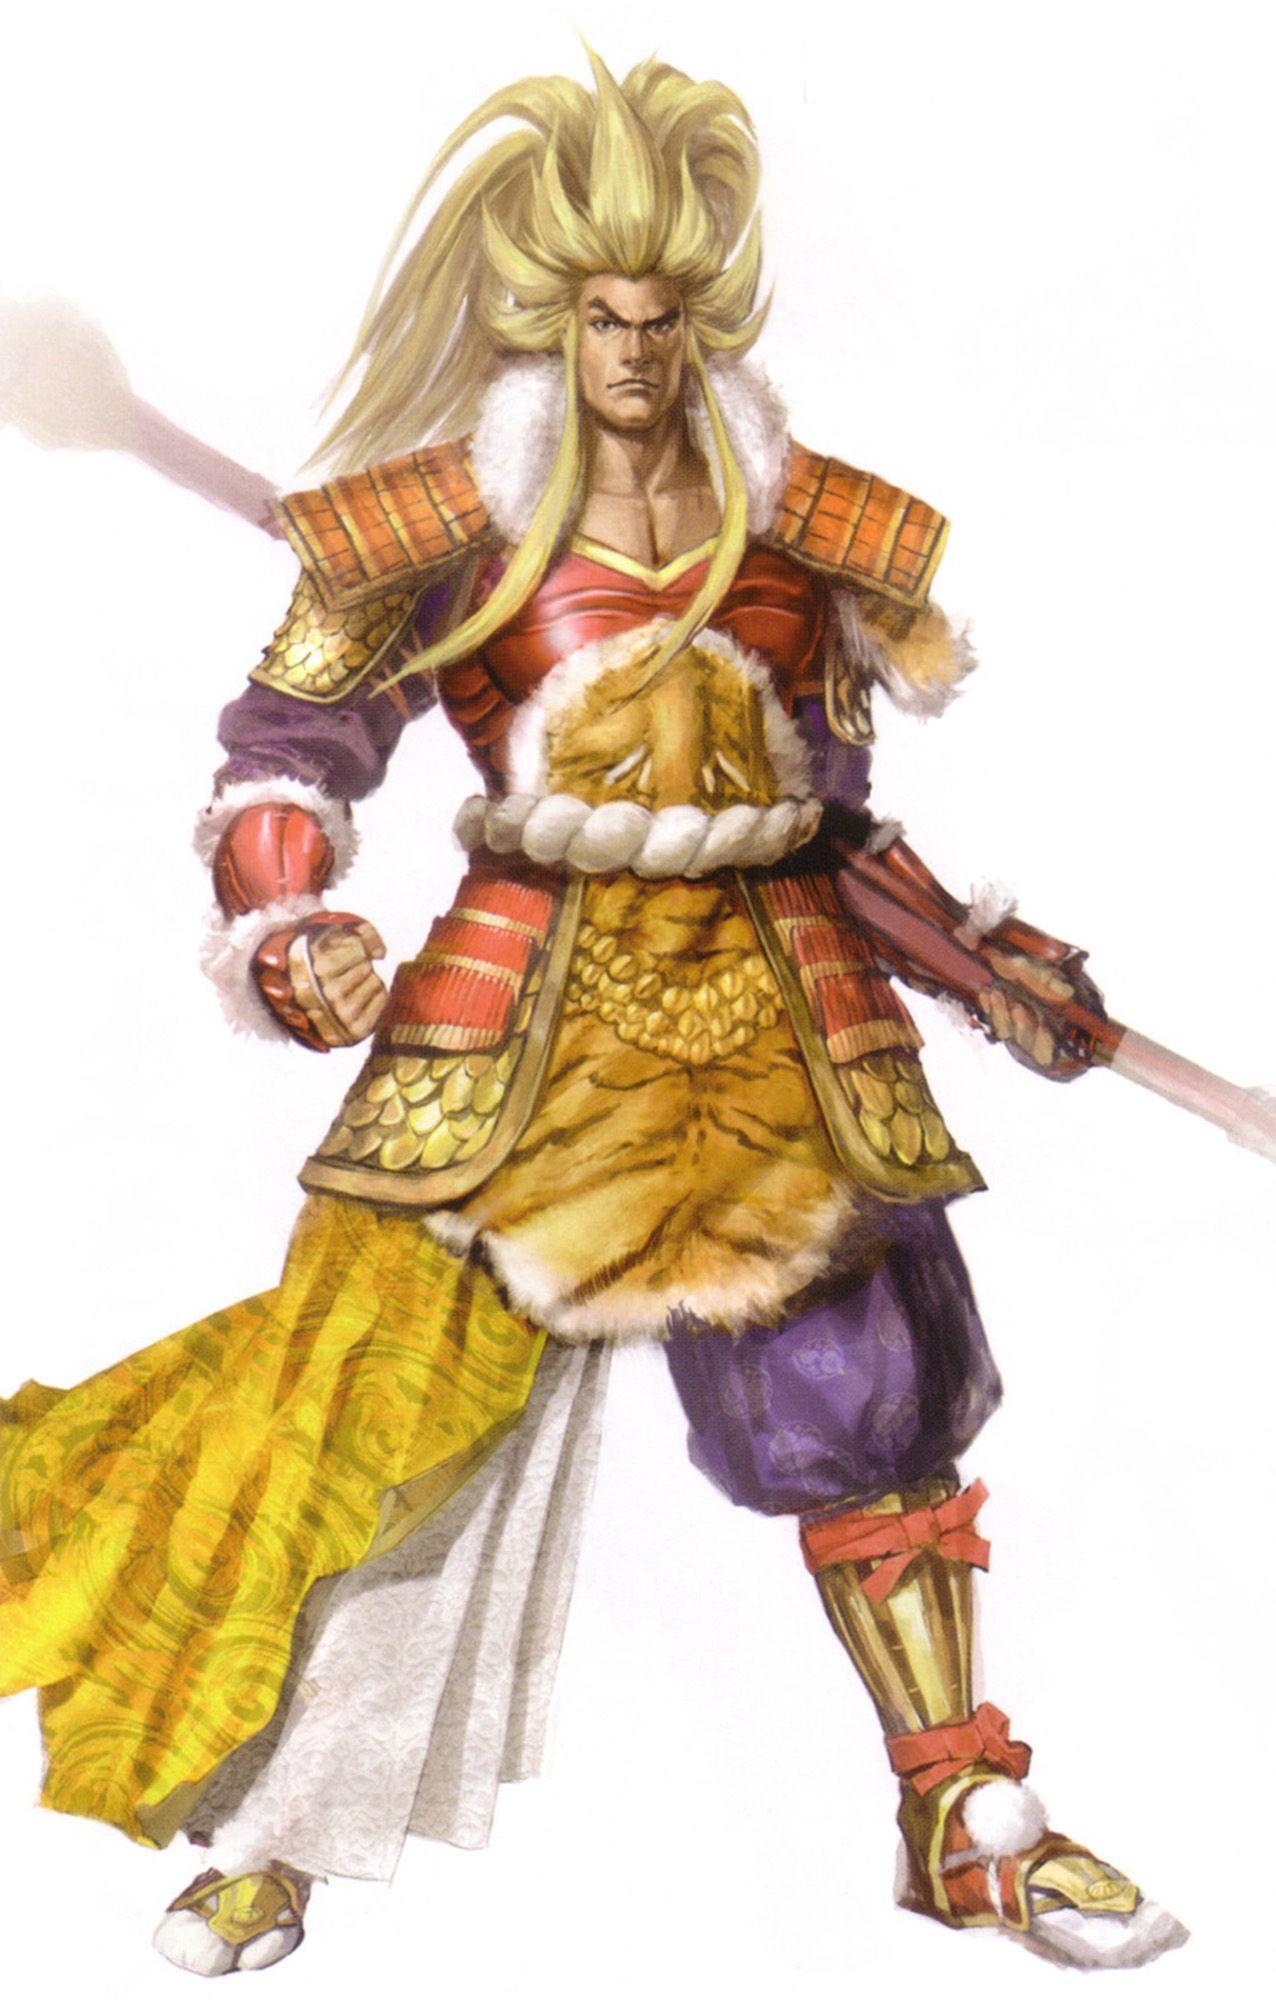 Maeda Keiji Sengoku musou, Samurai warrior, Warrior